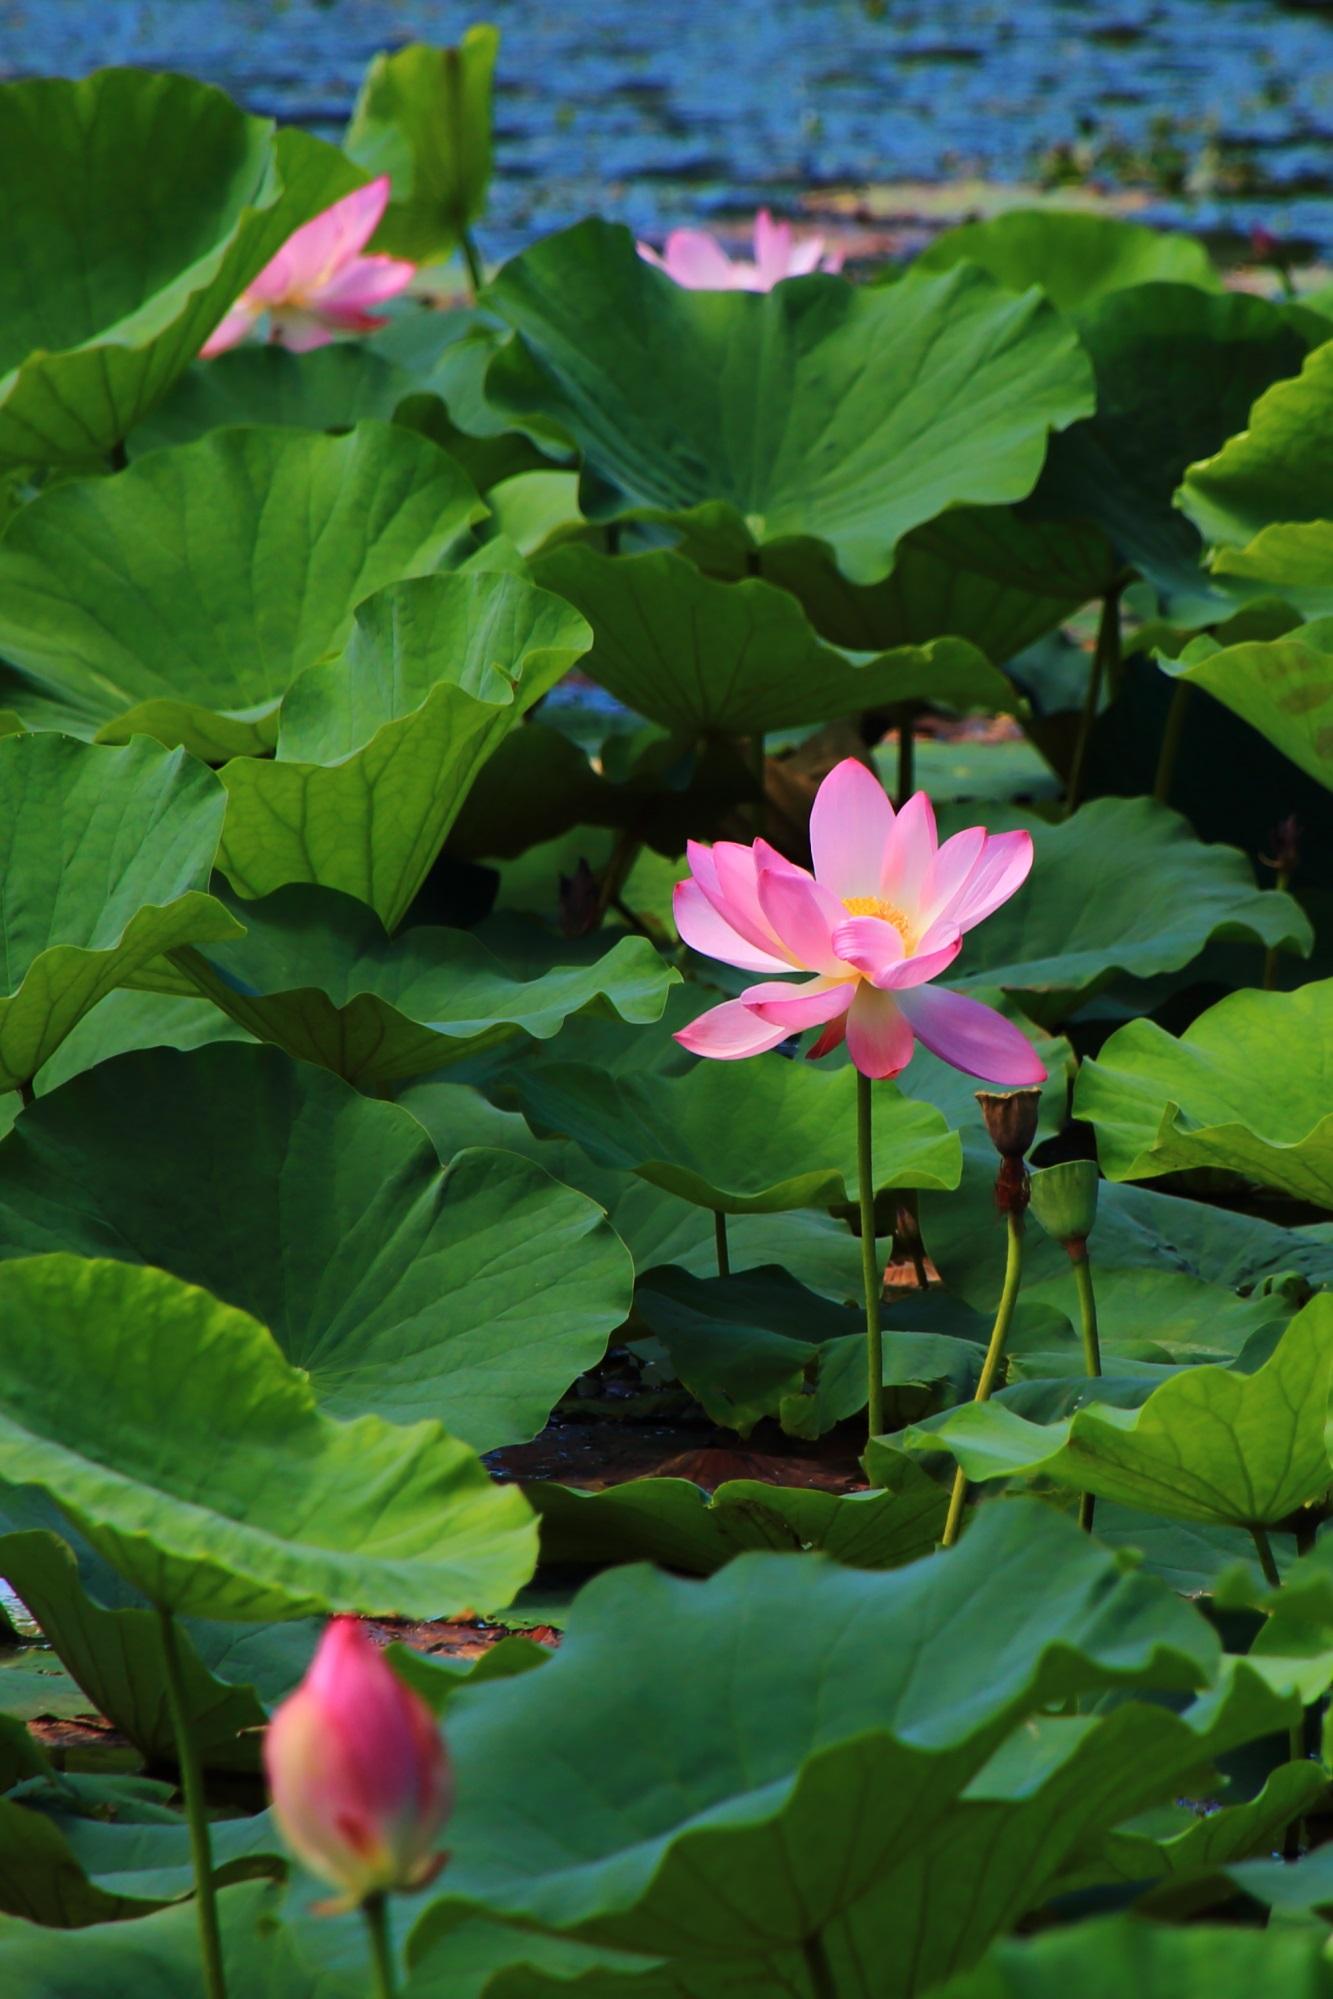 大覚寺の緑の中で淡く華やぐ美しいピンクの蓮の花